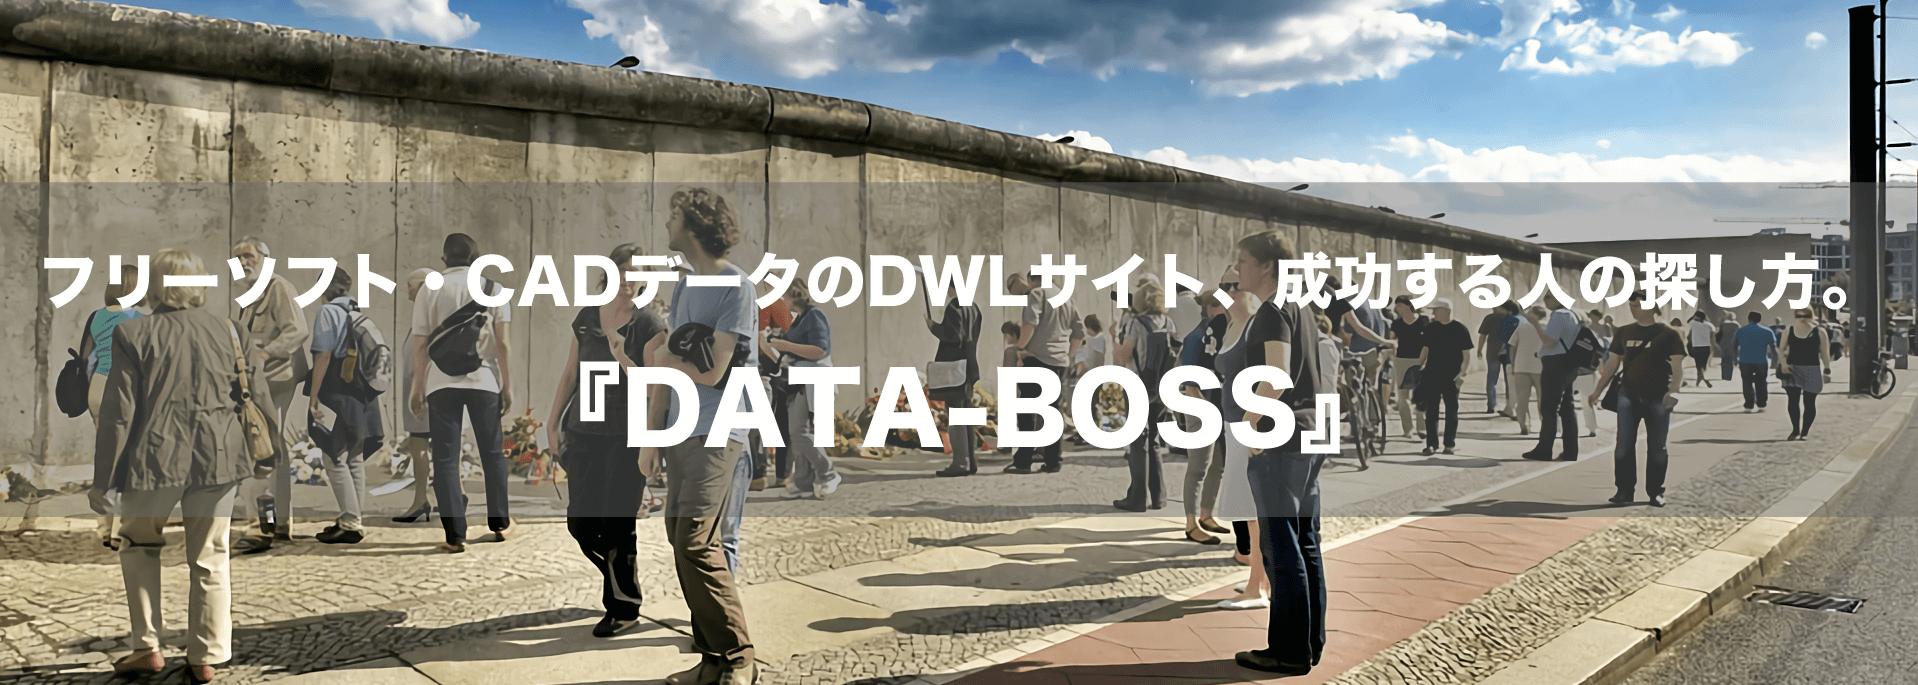 フリーソフト・CADデータの『DATA-BOSS』